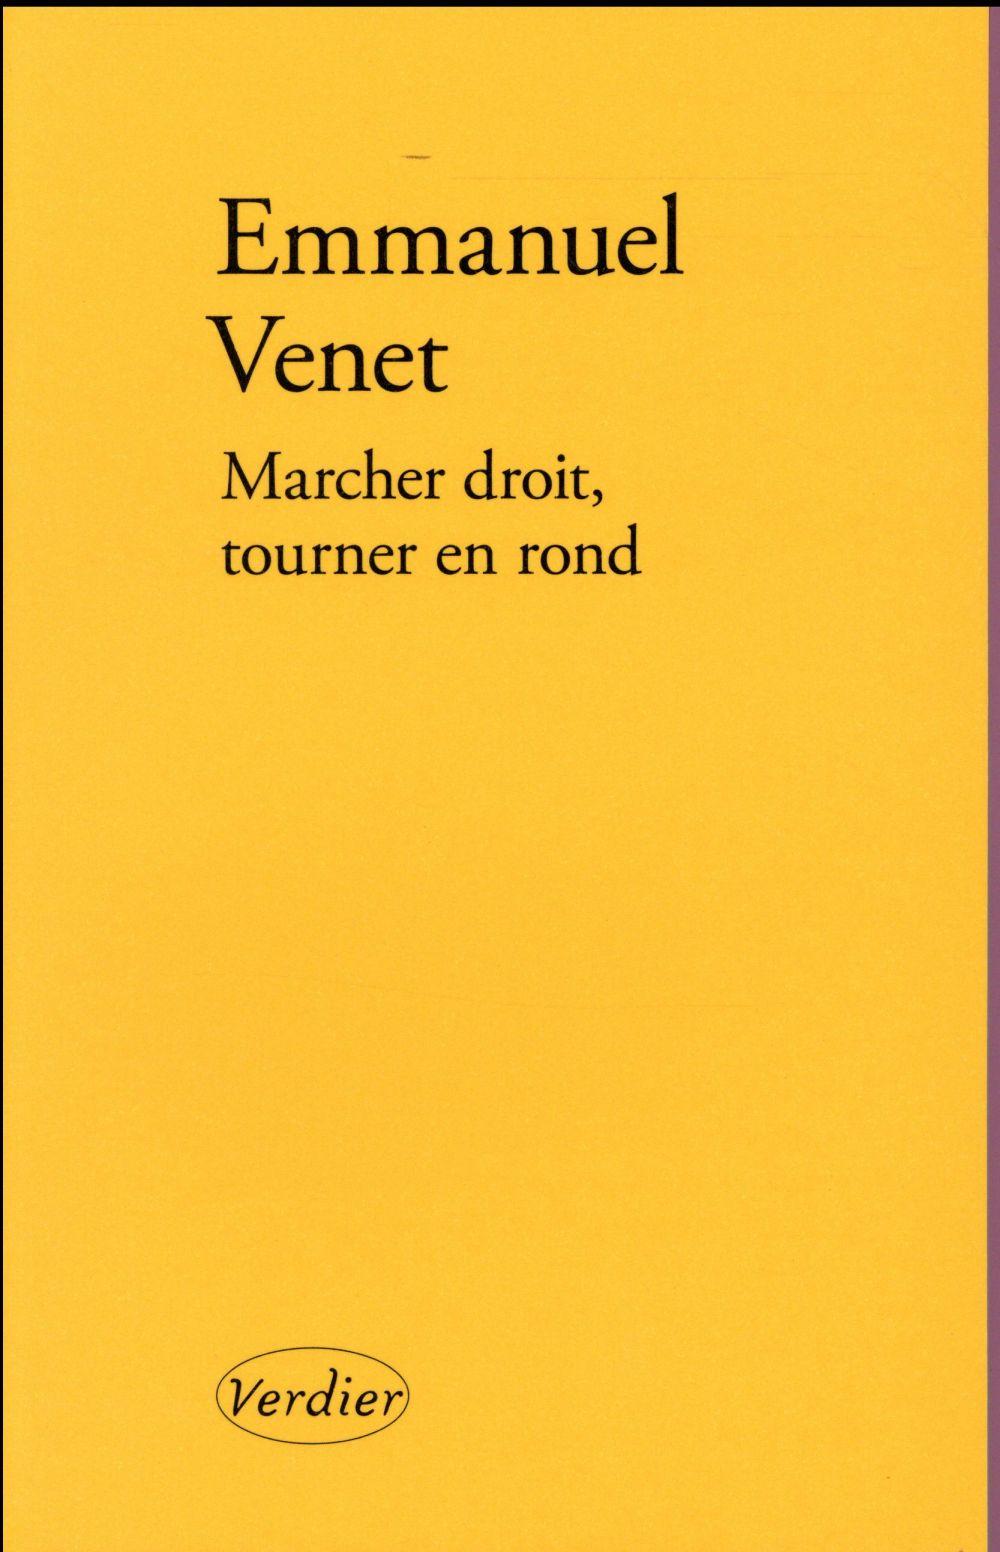 MARCHER DROIT TOURNER EN ROND